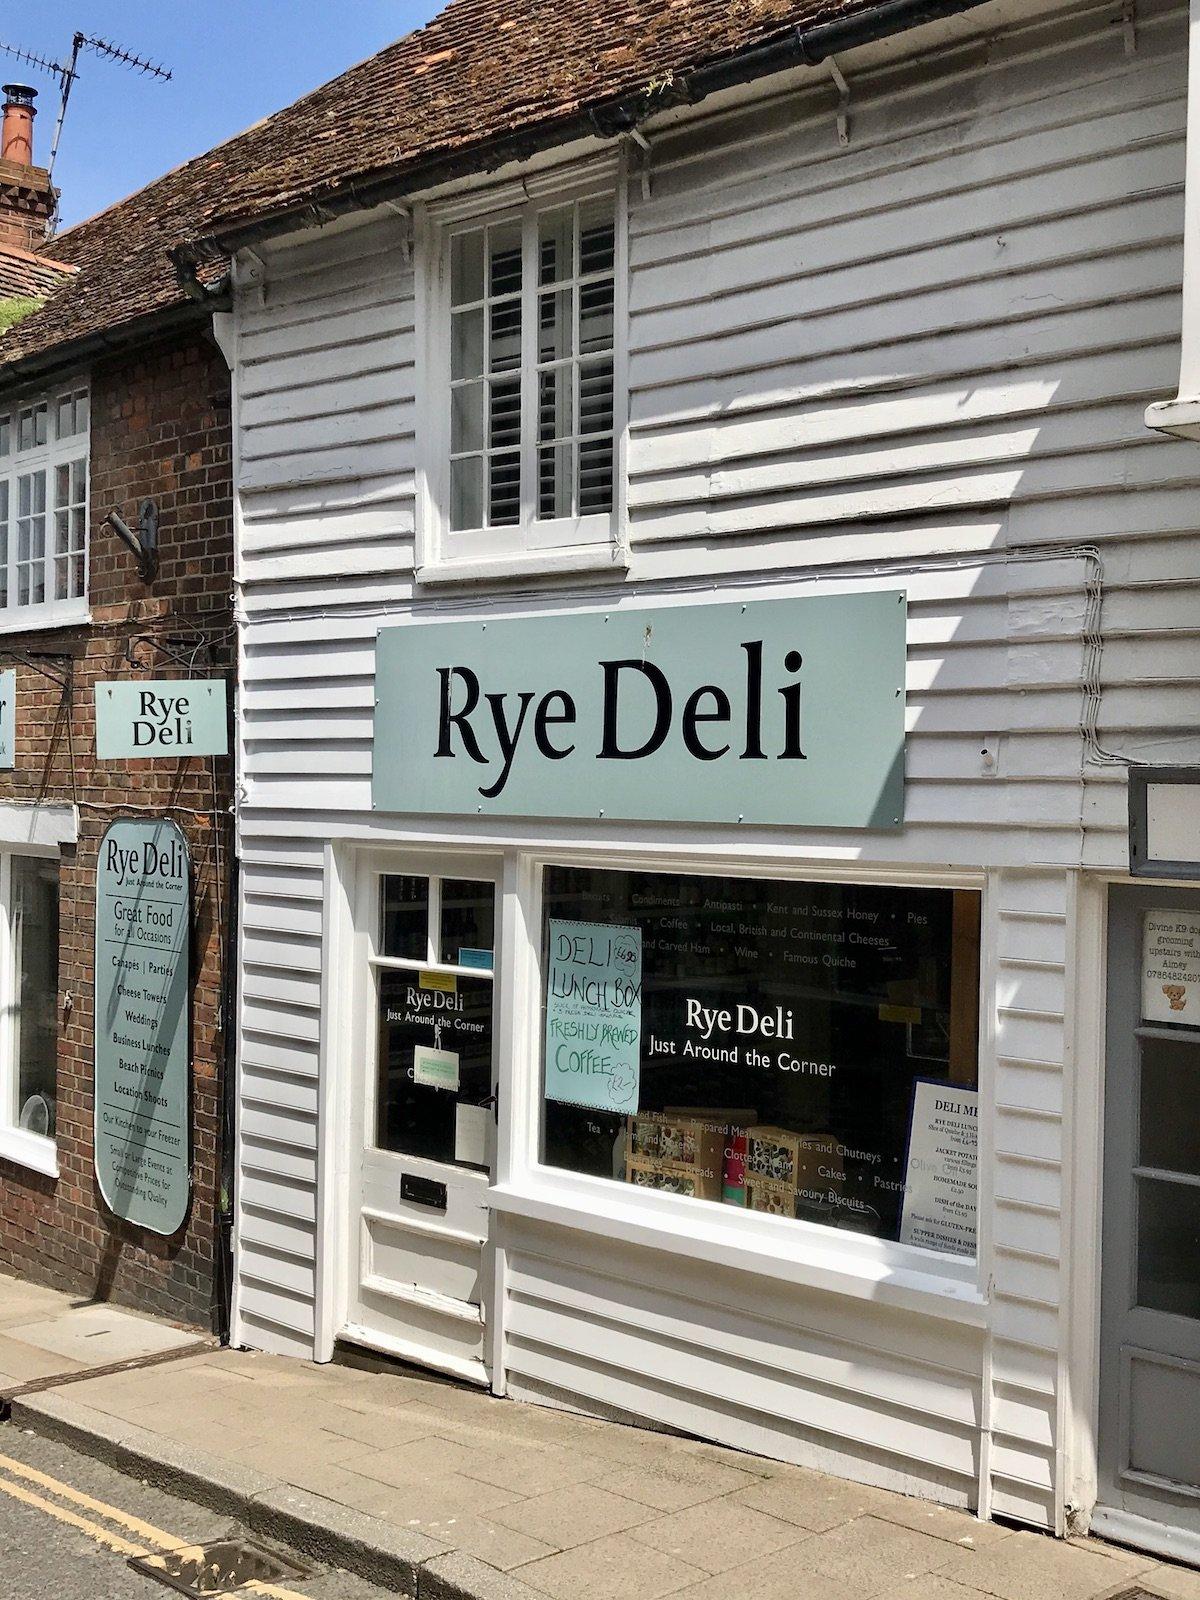 Rye Deli